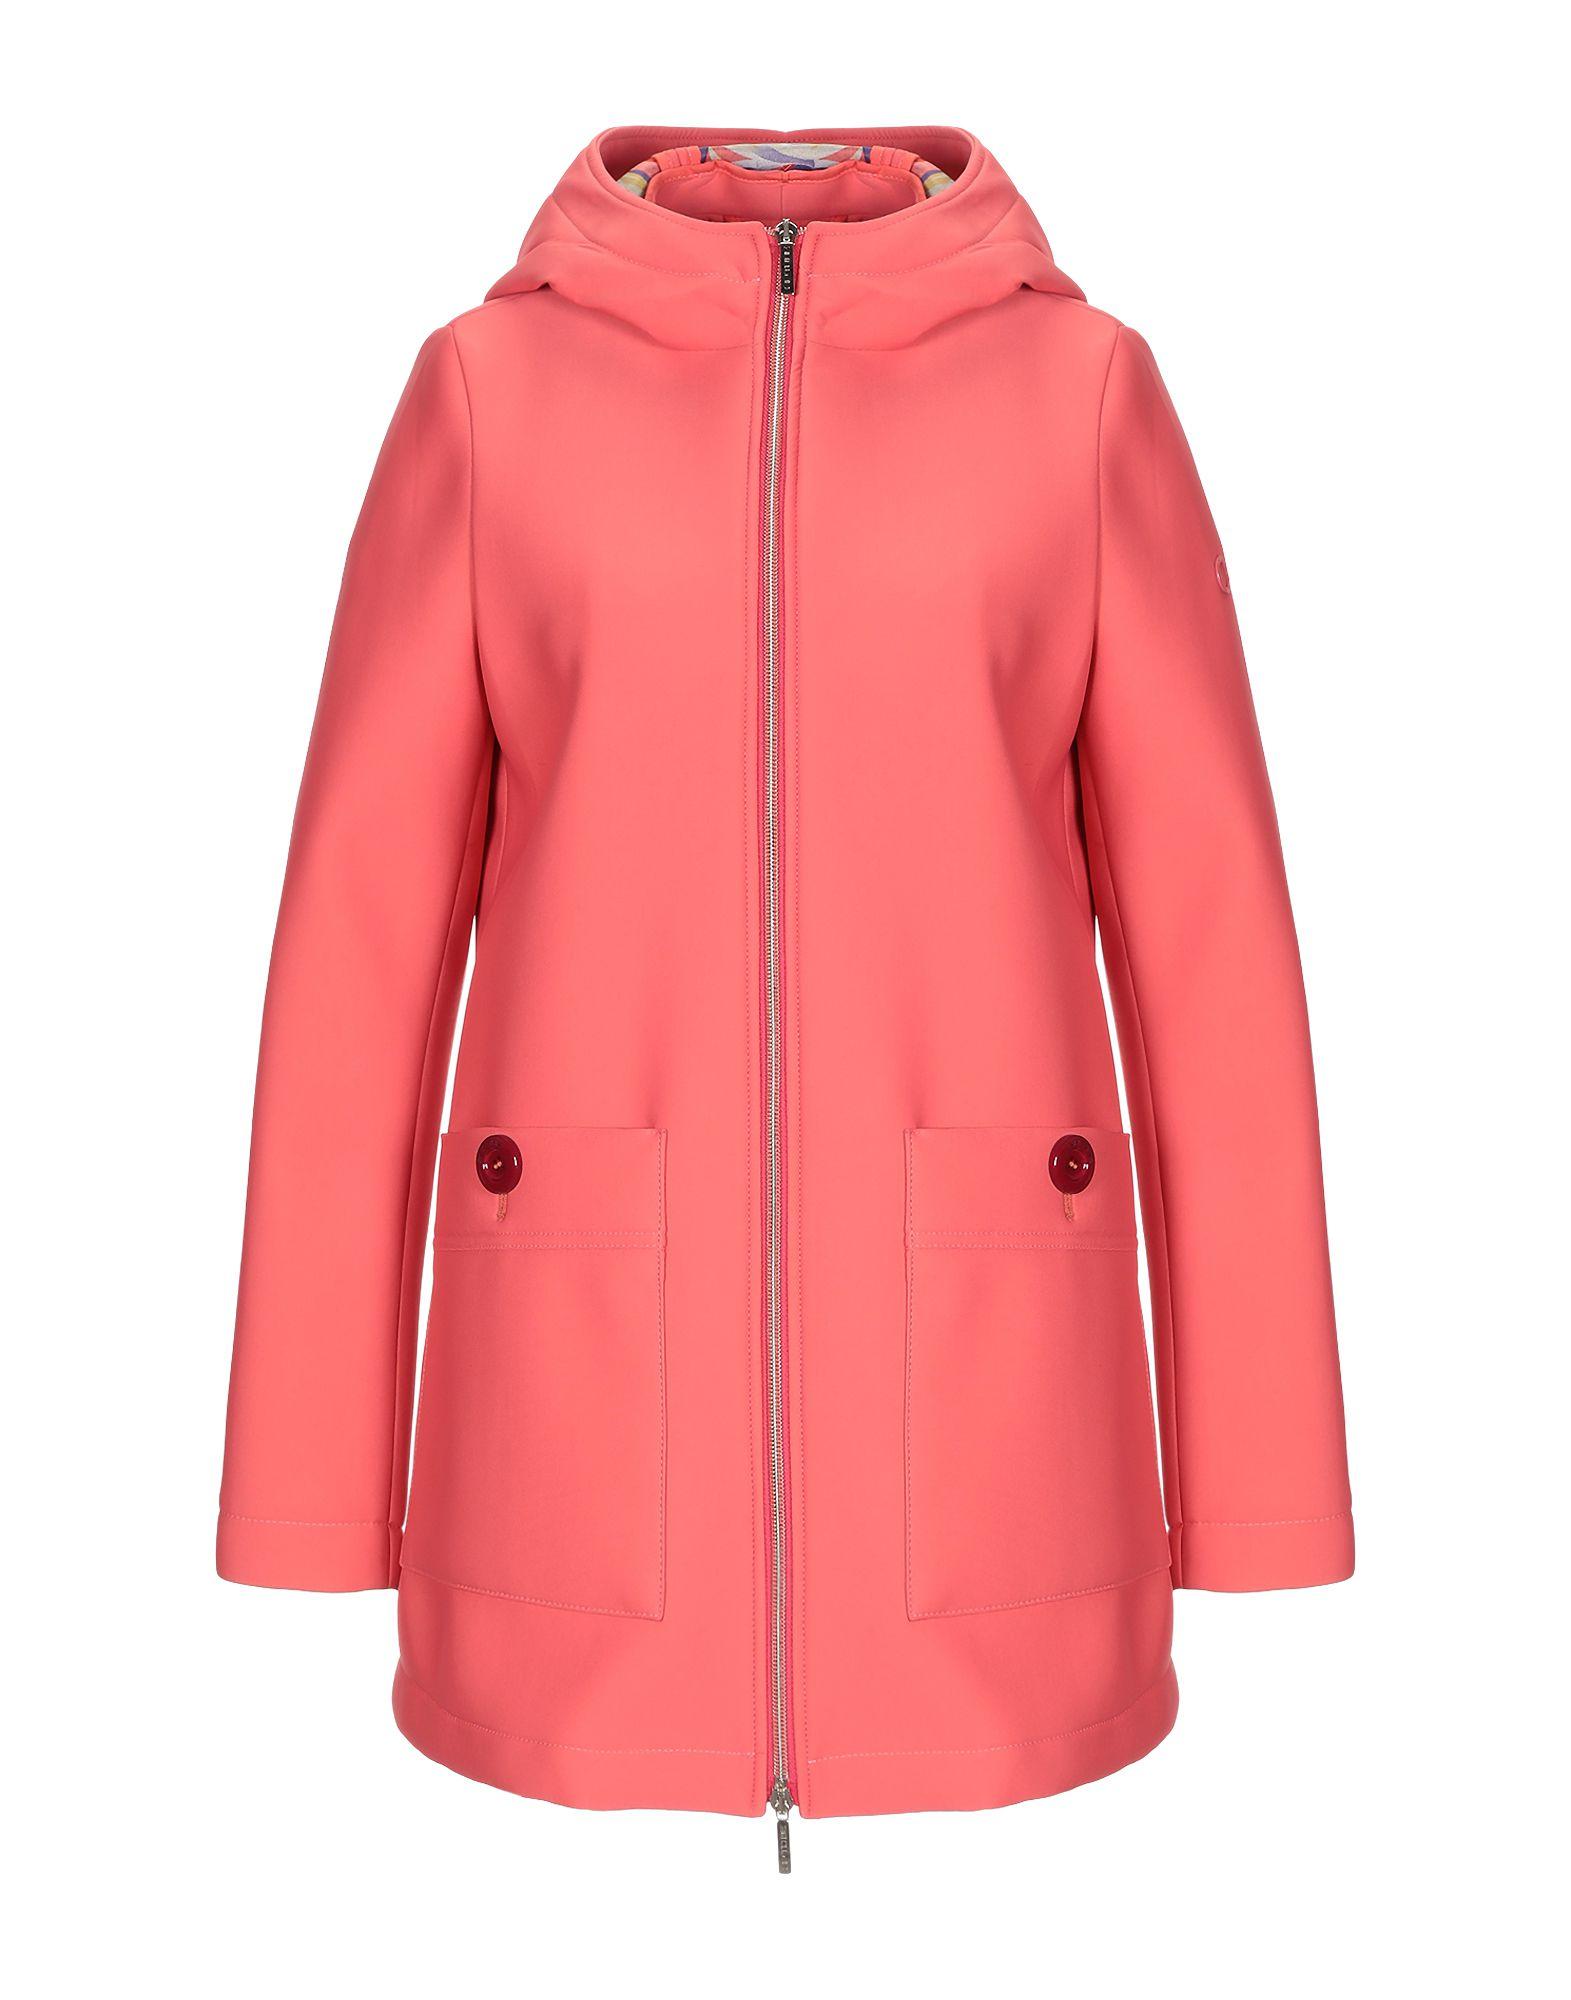 UP TO BE Куртка одежда для беременных to be